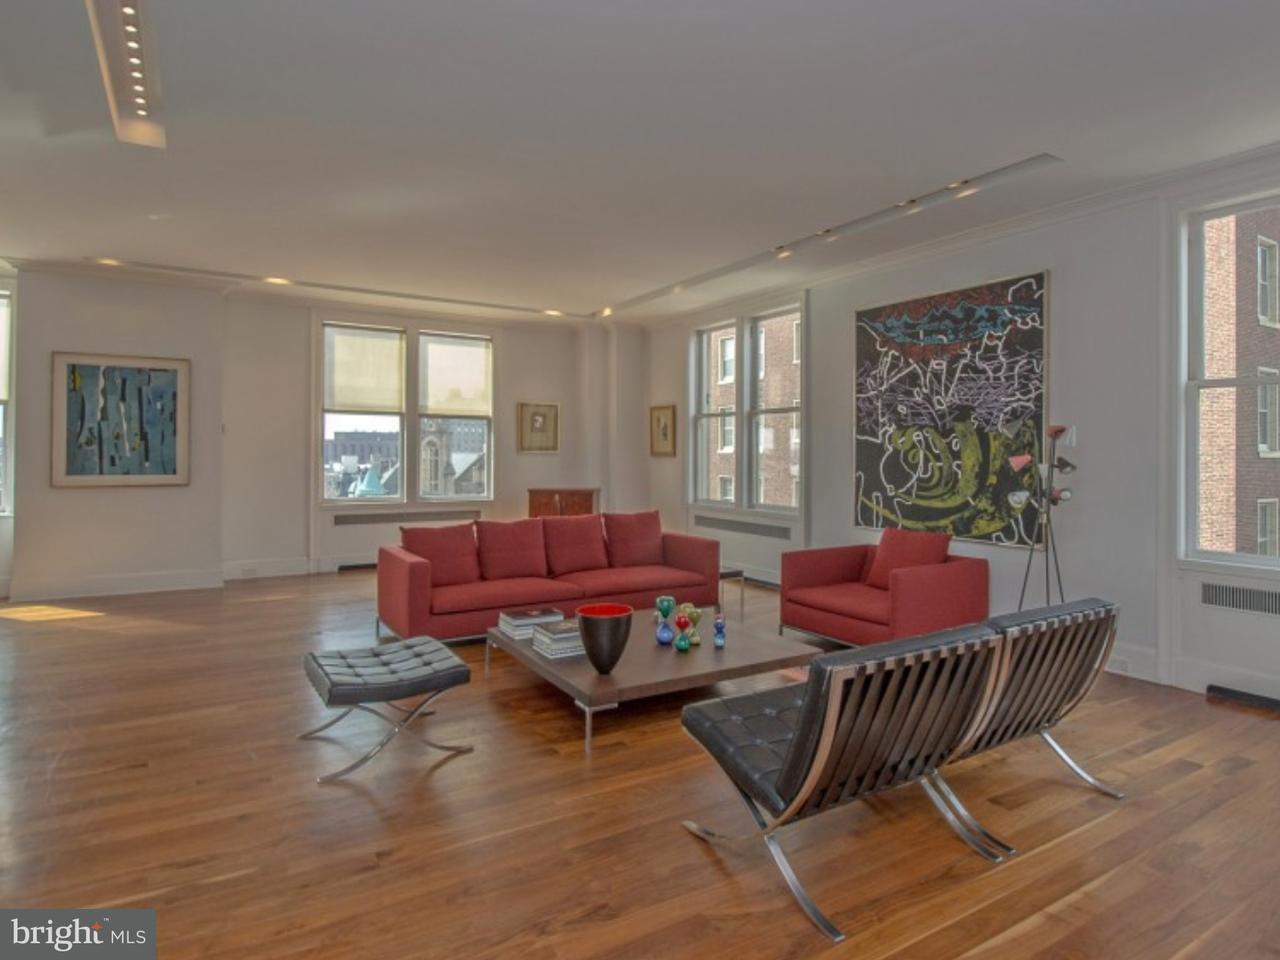 Μονοκατοικία για την Πώληση στο 237 S 18TH ST #6B Philadelphia, Πενσιλβανια 19103 Ηνωμενεσ Πολιτειεσ